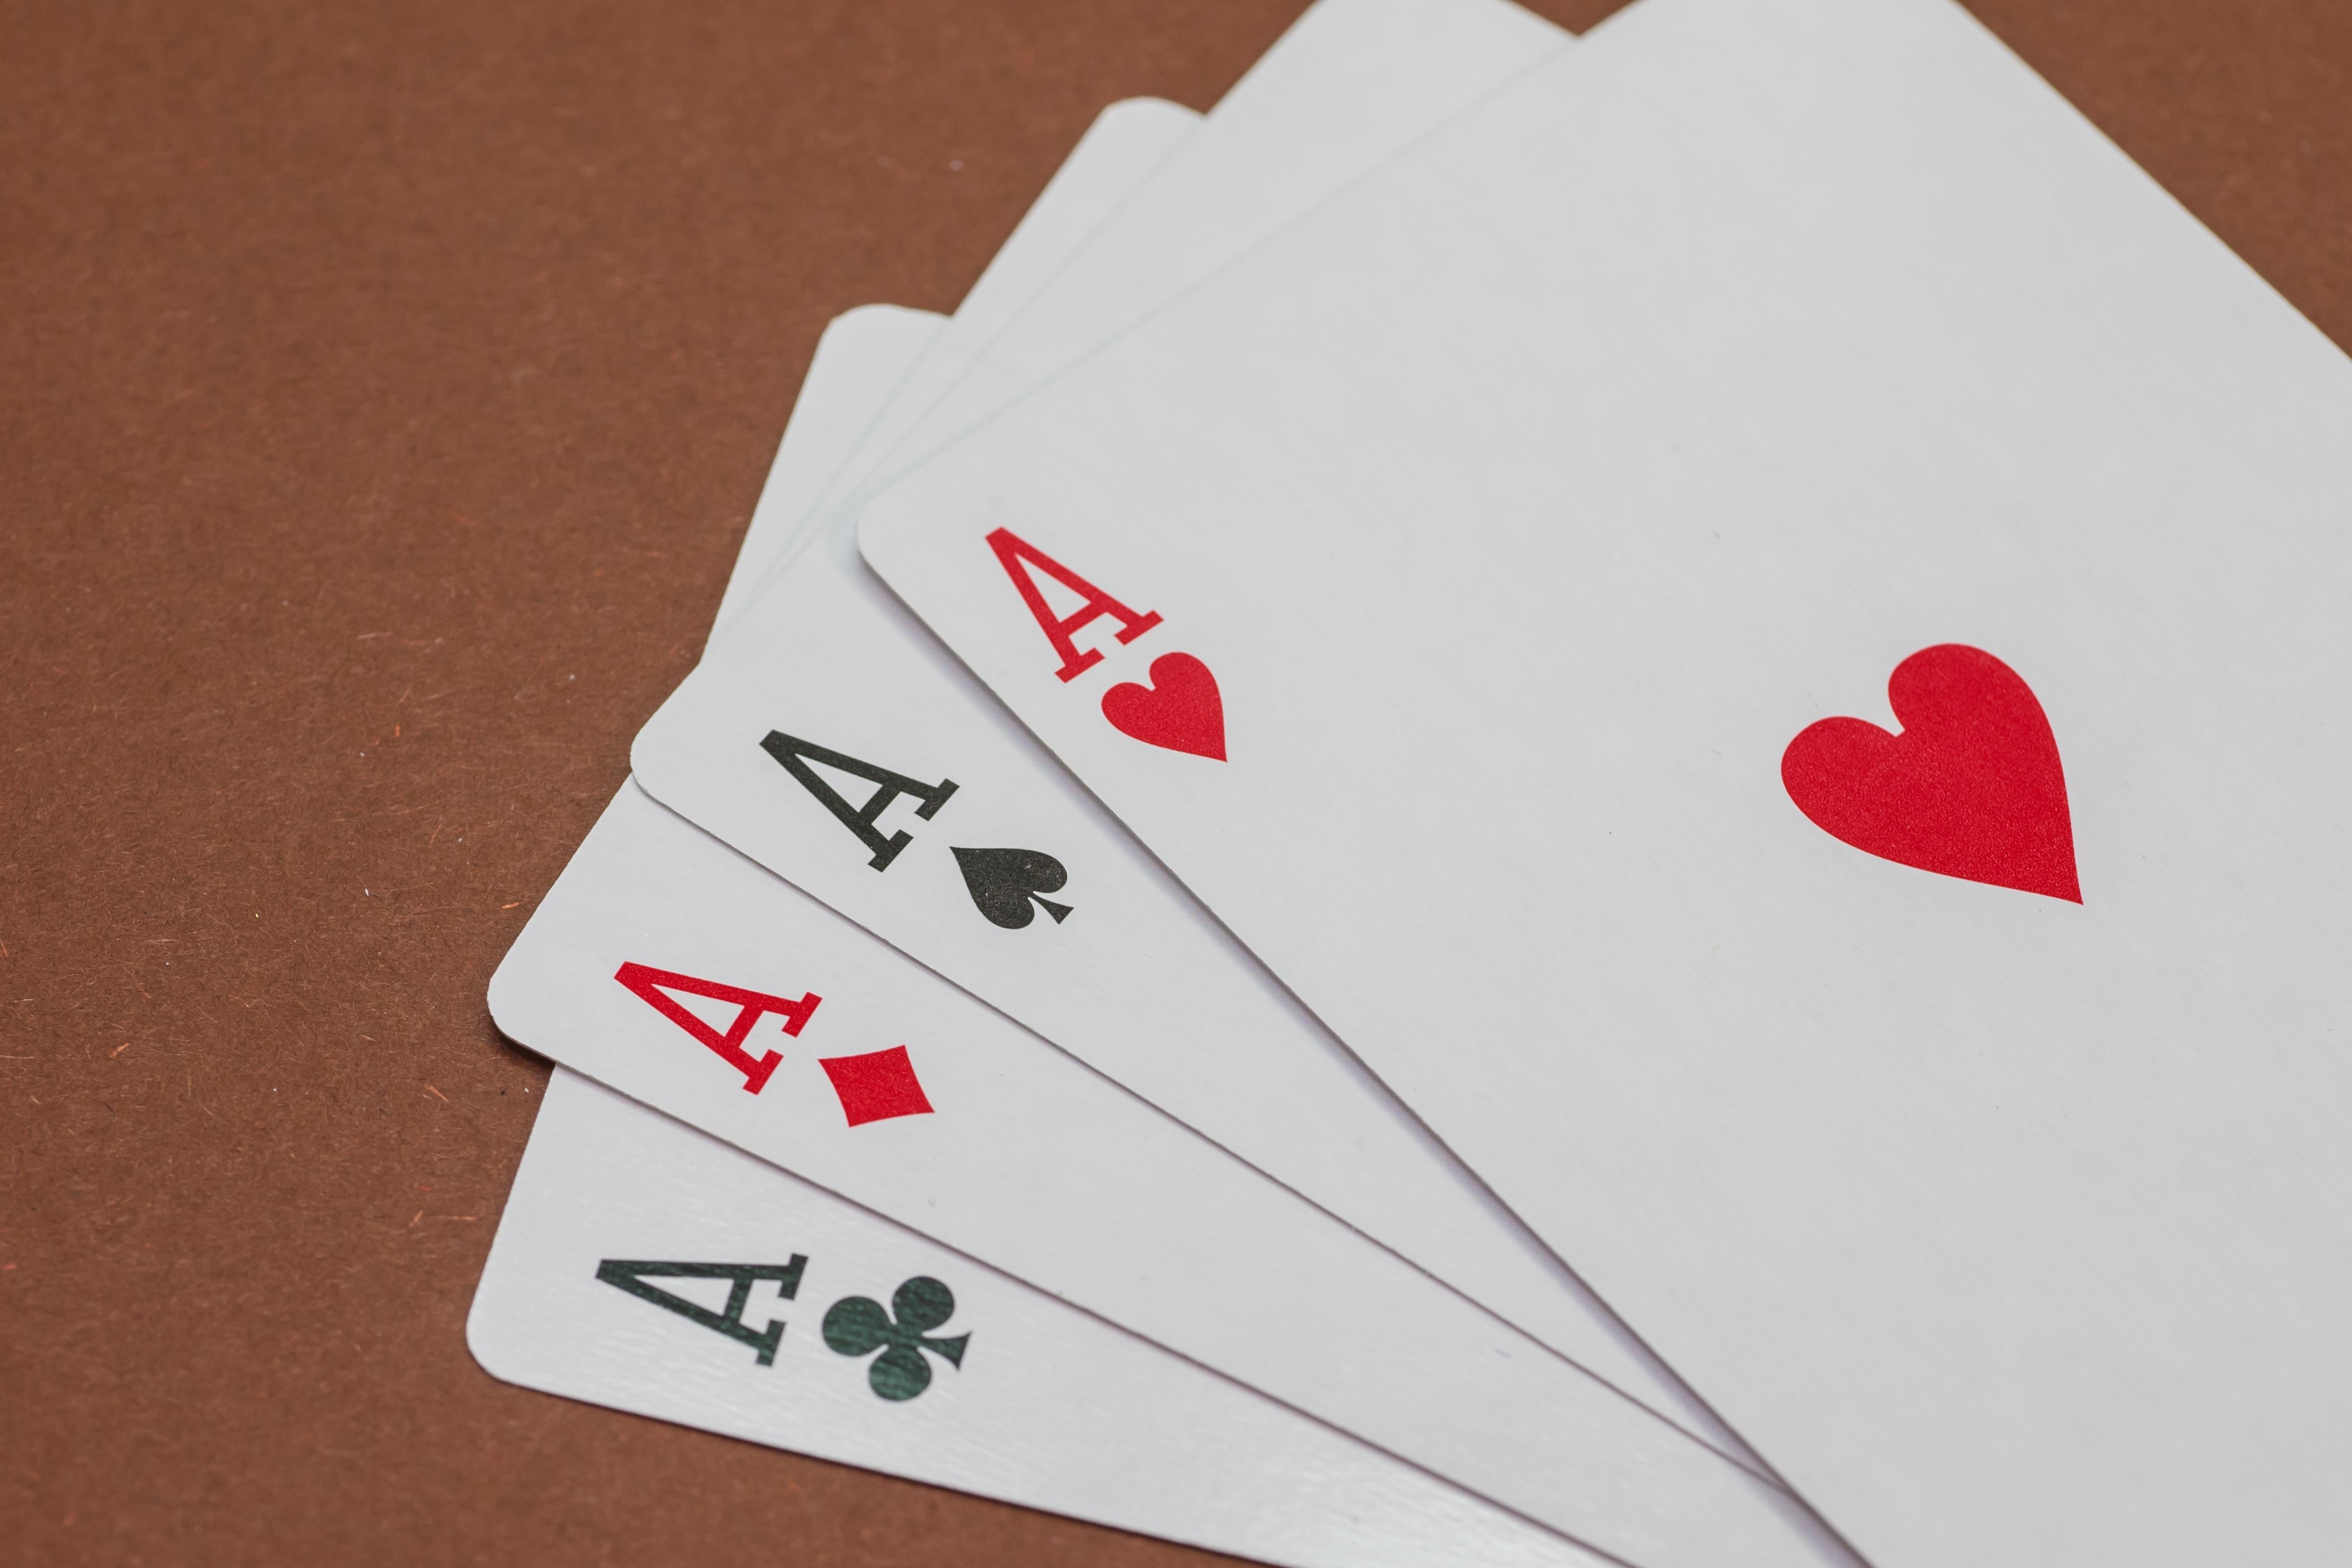 Игры азартные карты играть бесплатно покер онлайн казино длинные нарды